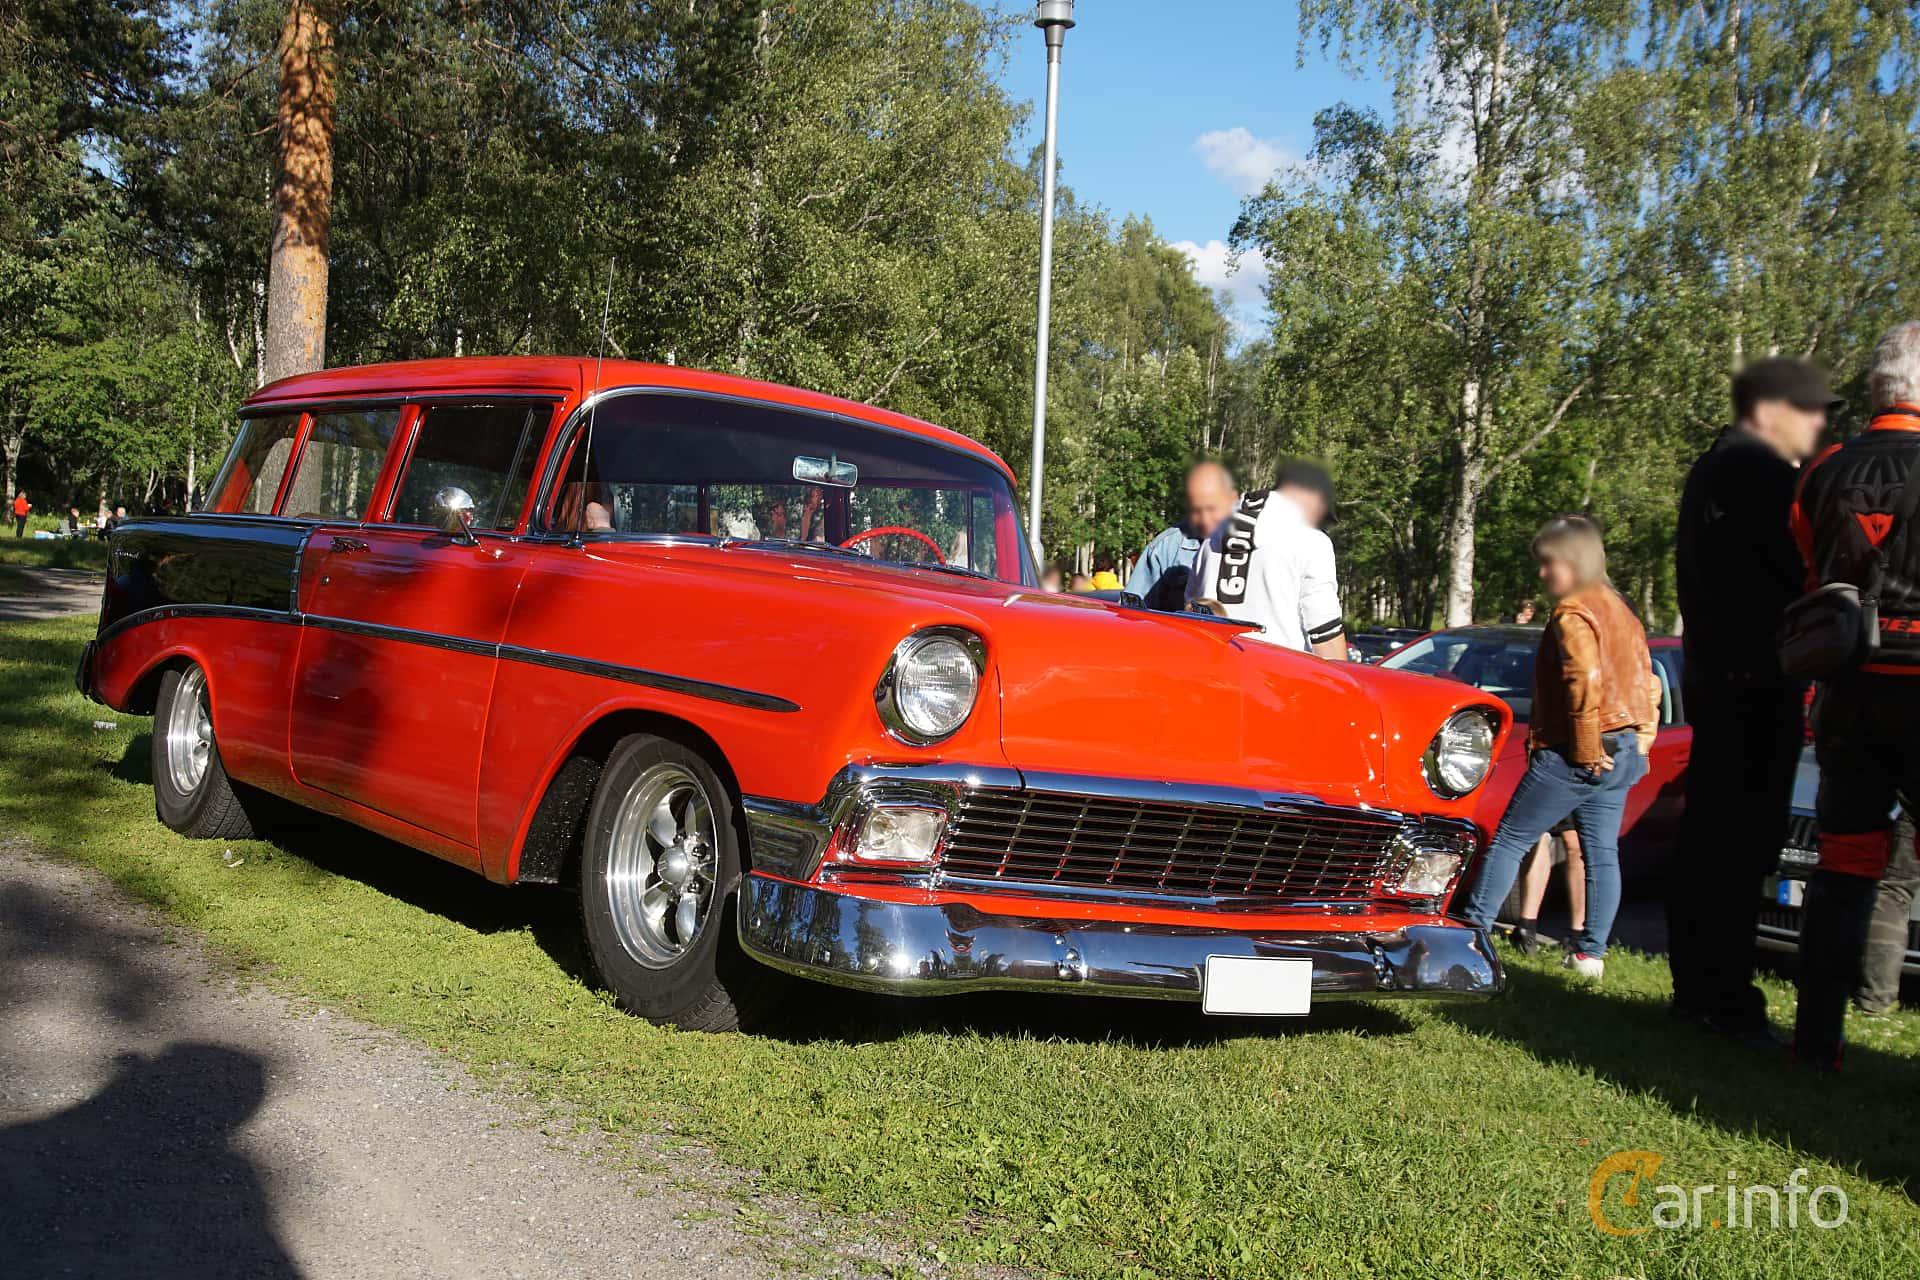 Chevrolet 210 Handyman 3.9 Powerglide, 142hp, 1956 at Onsdagsträffar på Gammlia Umeå 2019 vecka 27